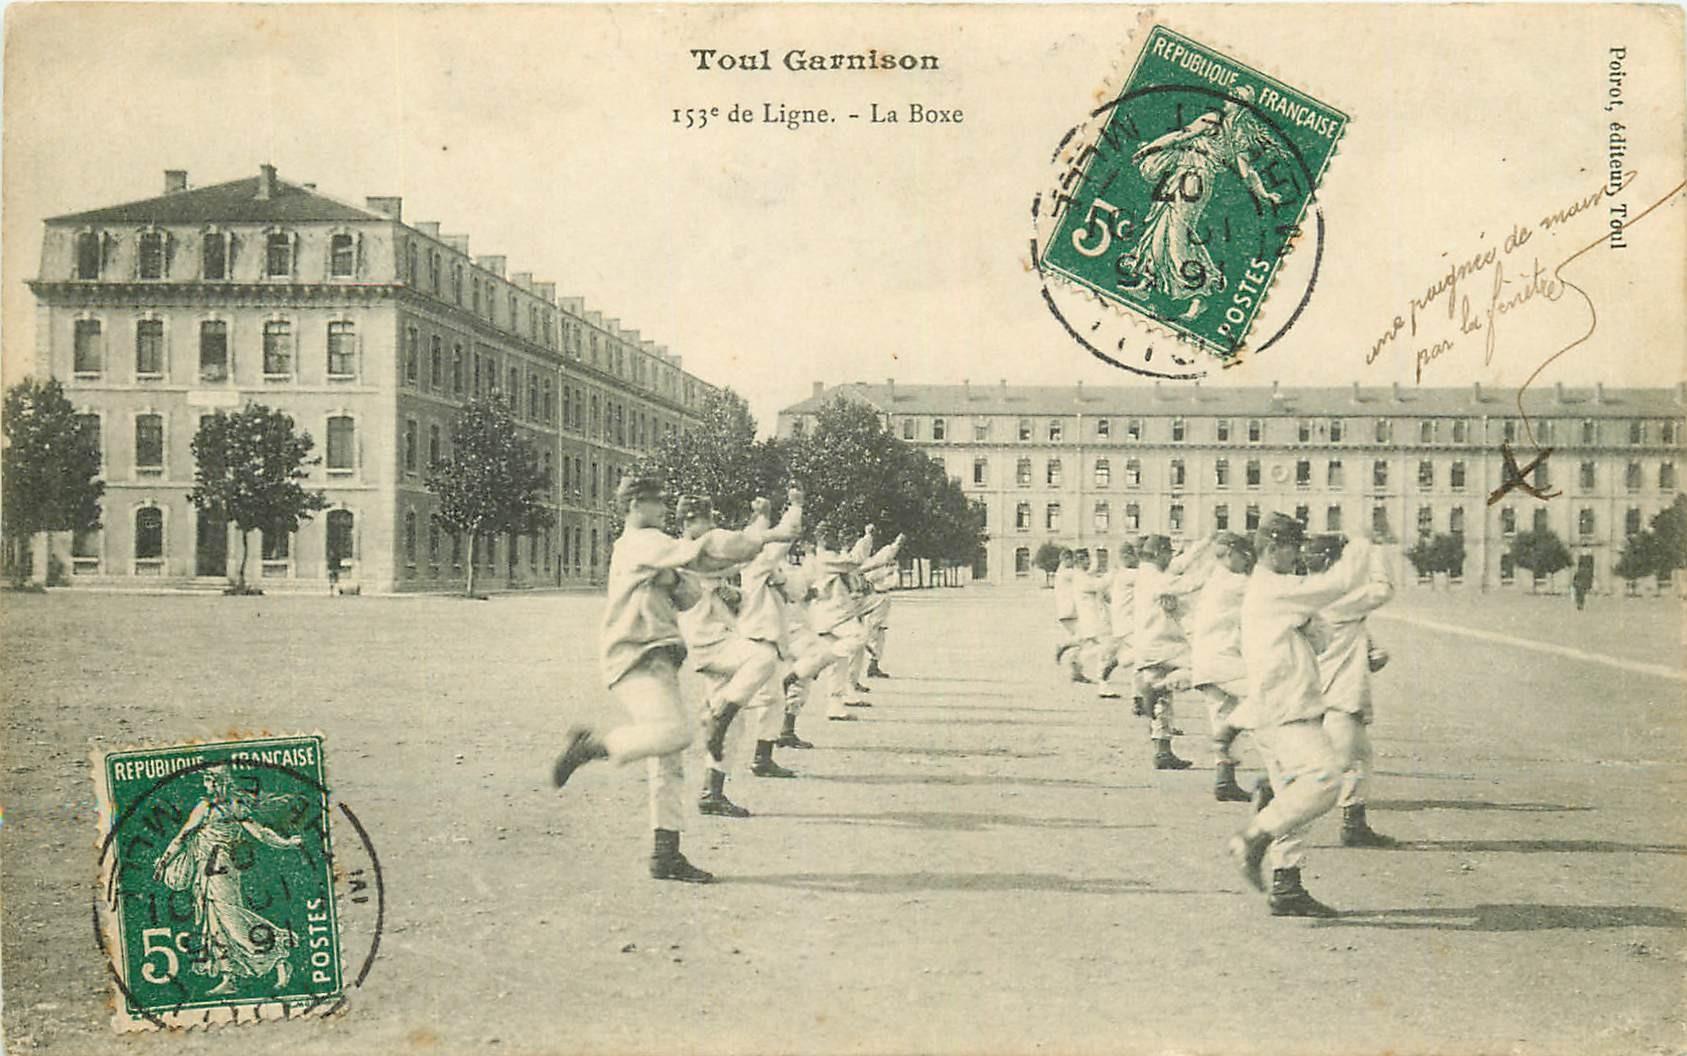 WW 54 TOUL. La Boxe à la Garnison des Militaires 1907